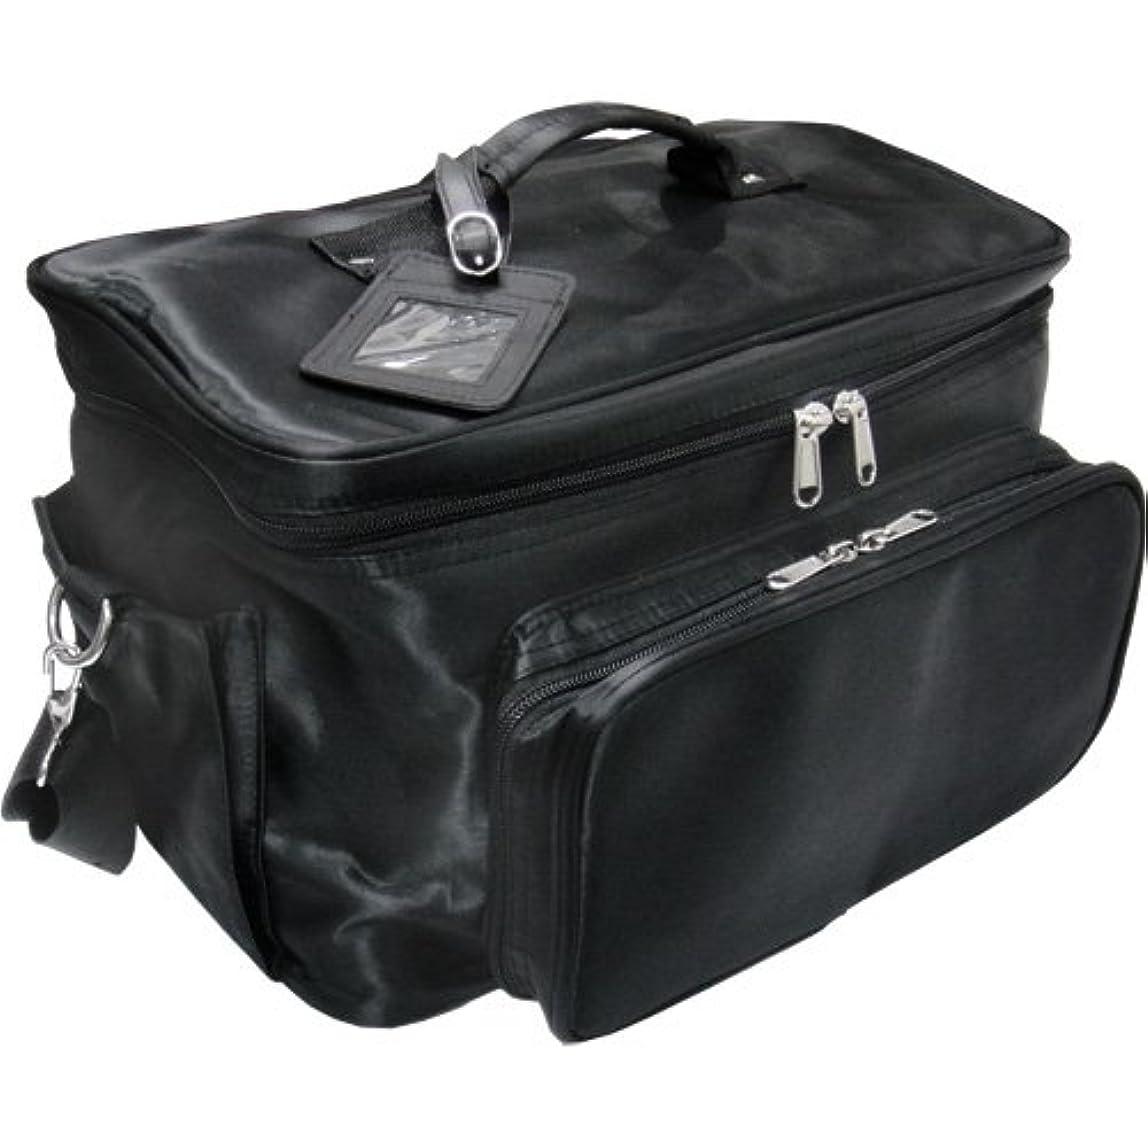 ベアリング心のこもった描写軽量バニティーバック ブラック コスメバッグ、ネイルバッグ、ネイリストバッグ、ナイロンコスメボックス